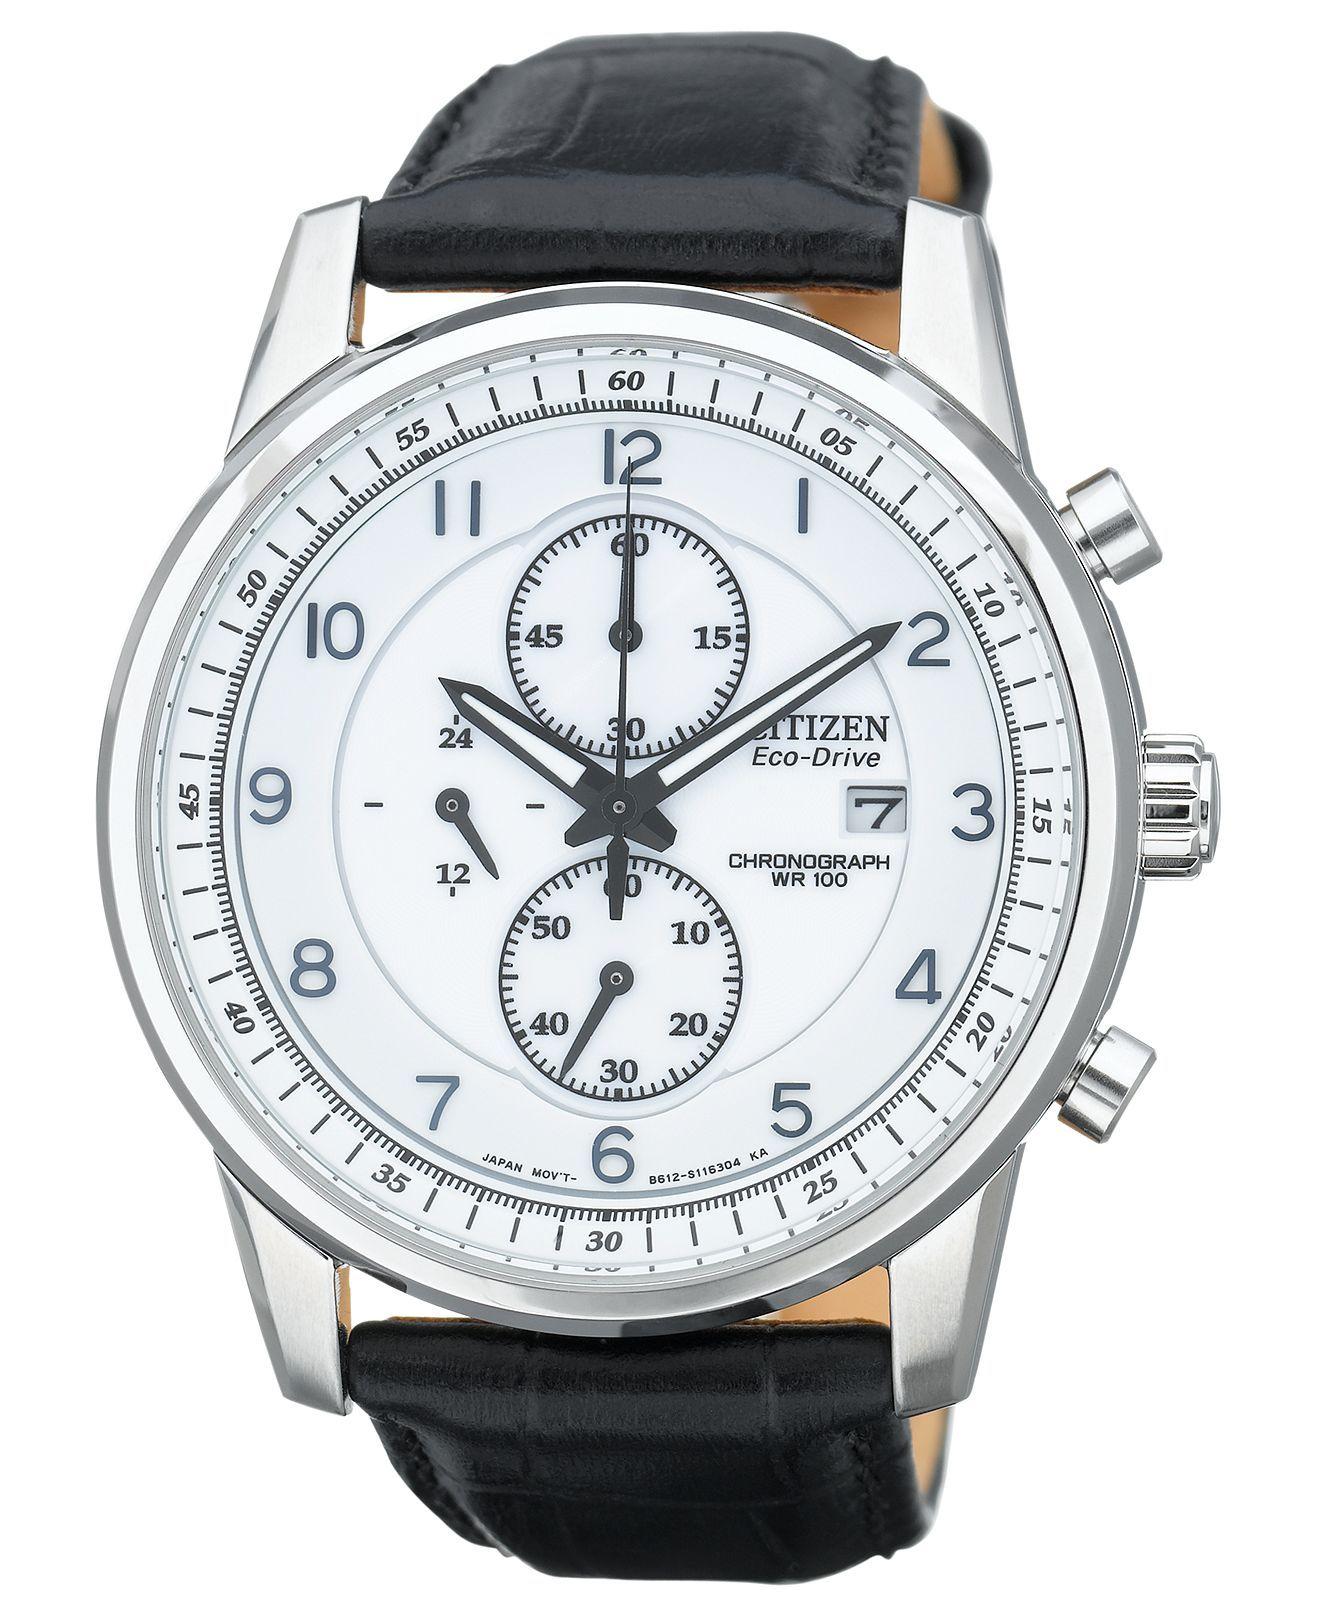 citizen watch men s eco drive chronograph black leather strap citizen watch men s eco drive chronograph black leather strap 42mm ca0331 05a